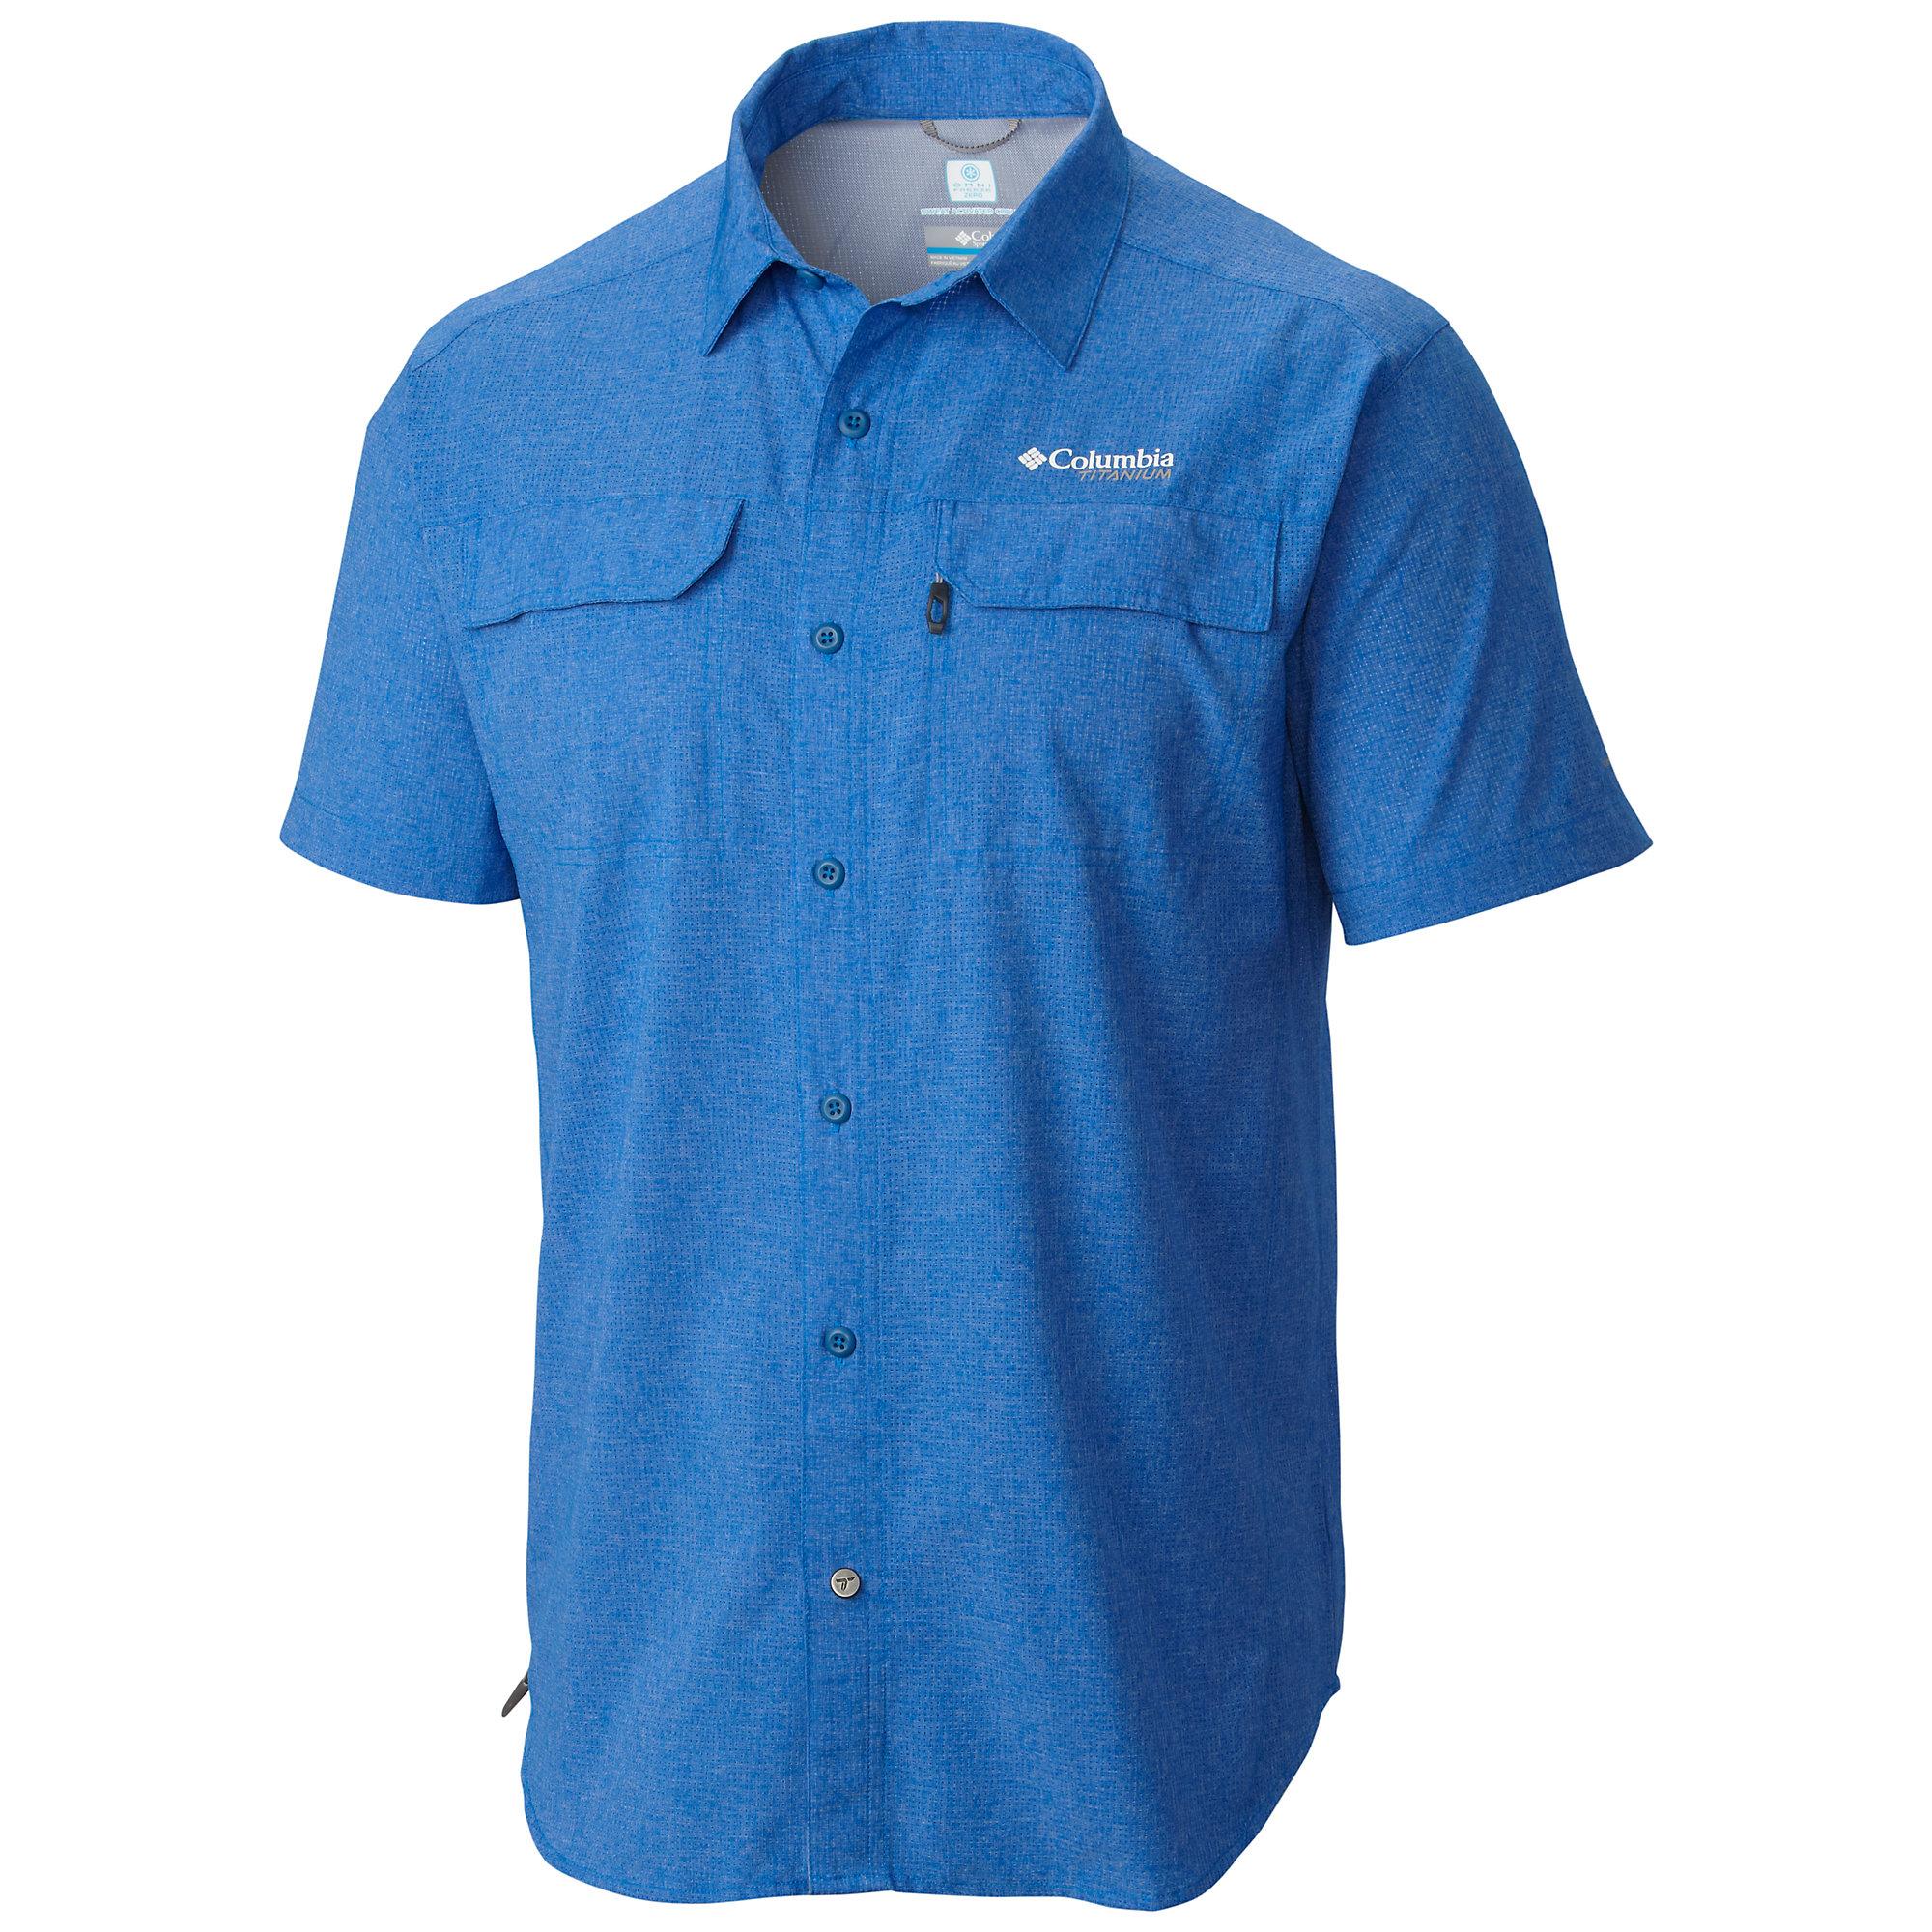 Columbia Irico Short Sleeve Shirt